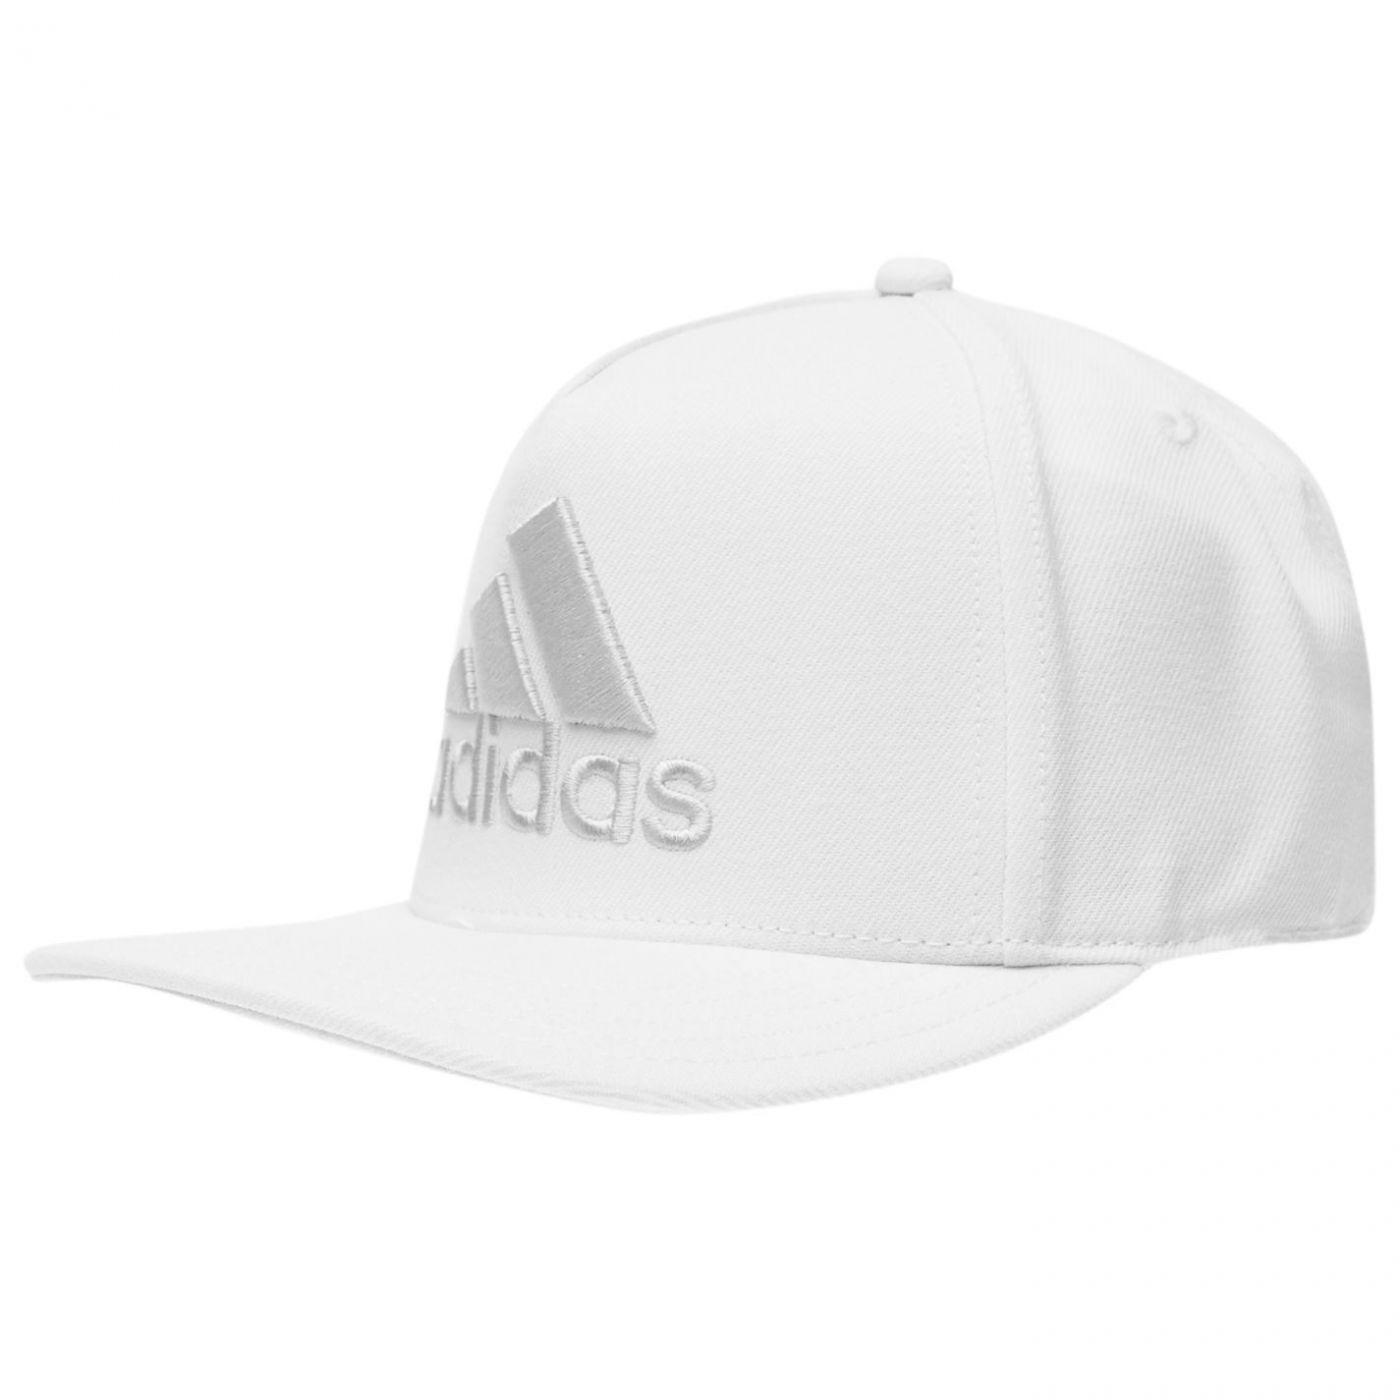 Adidas Linear Flatpeak Cap